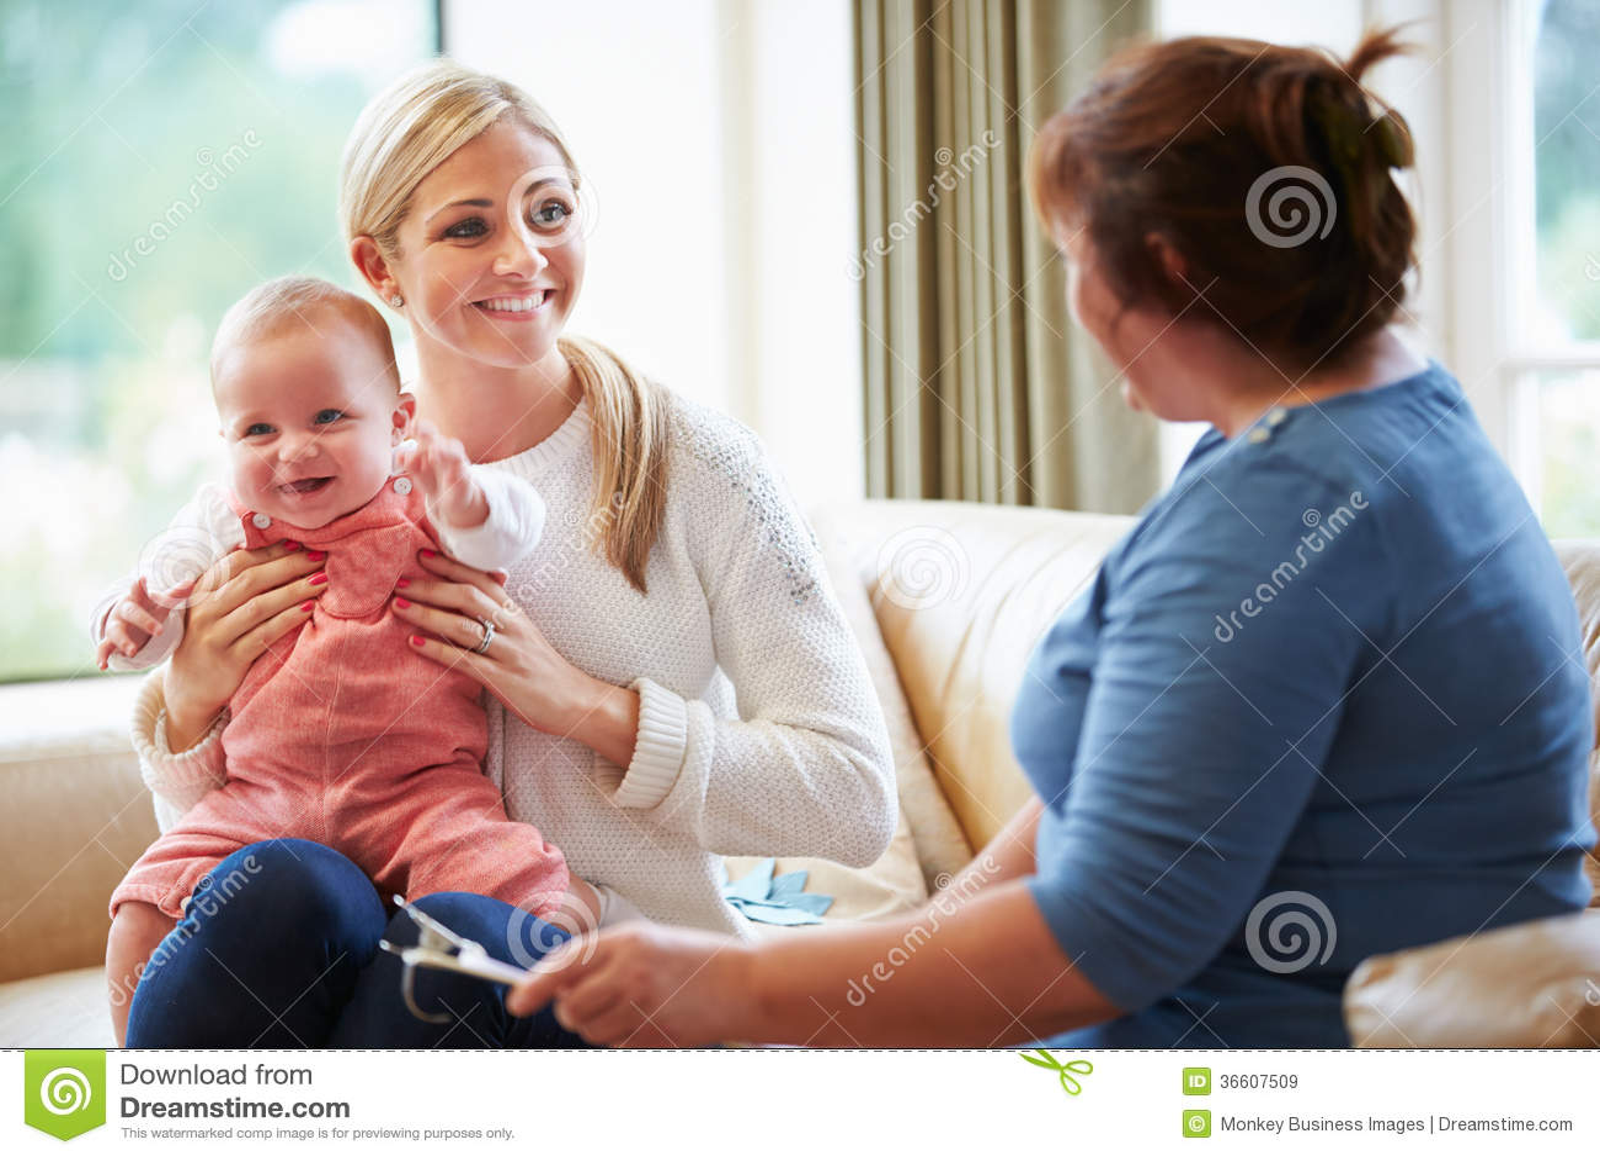 Visitante da saúde que fala à mãe com bebê novo